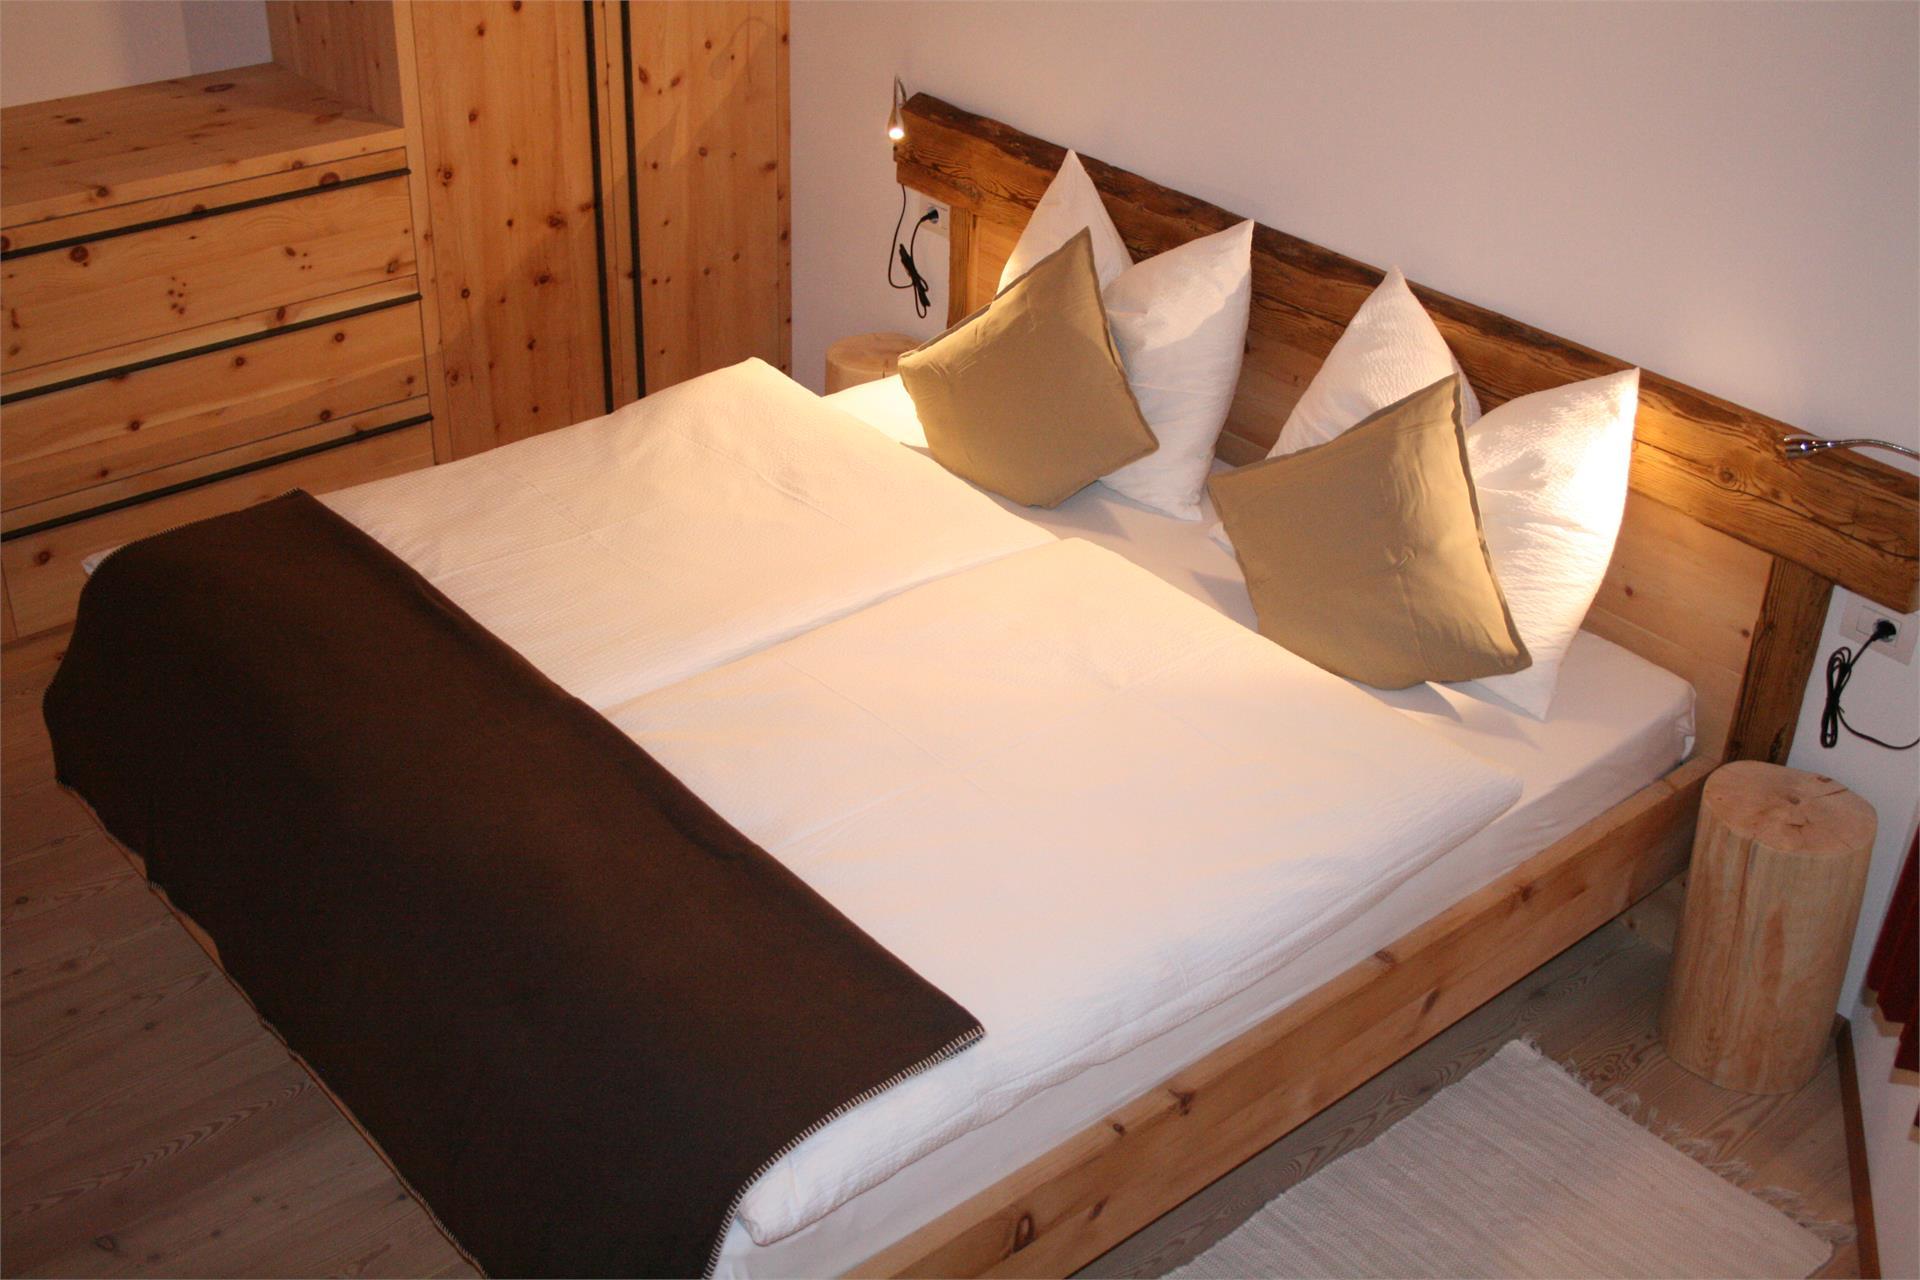 appartamento Paula - camera da letto matrimoniale